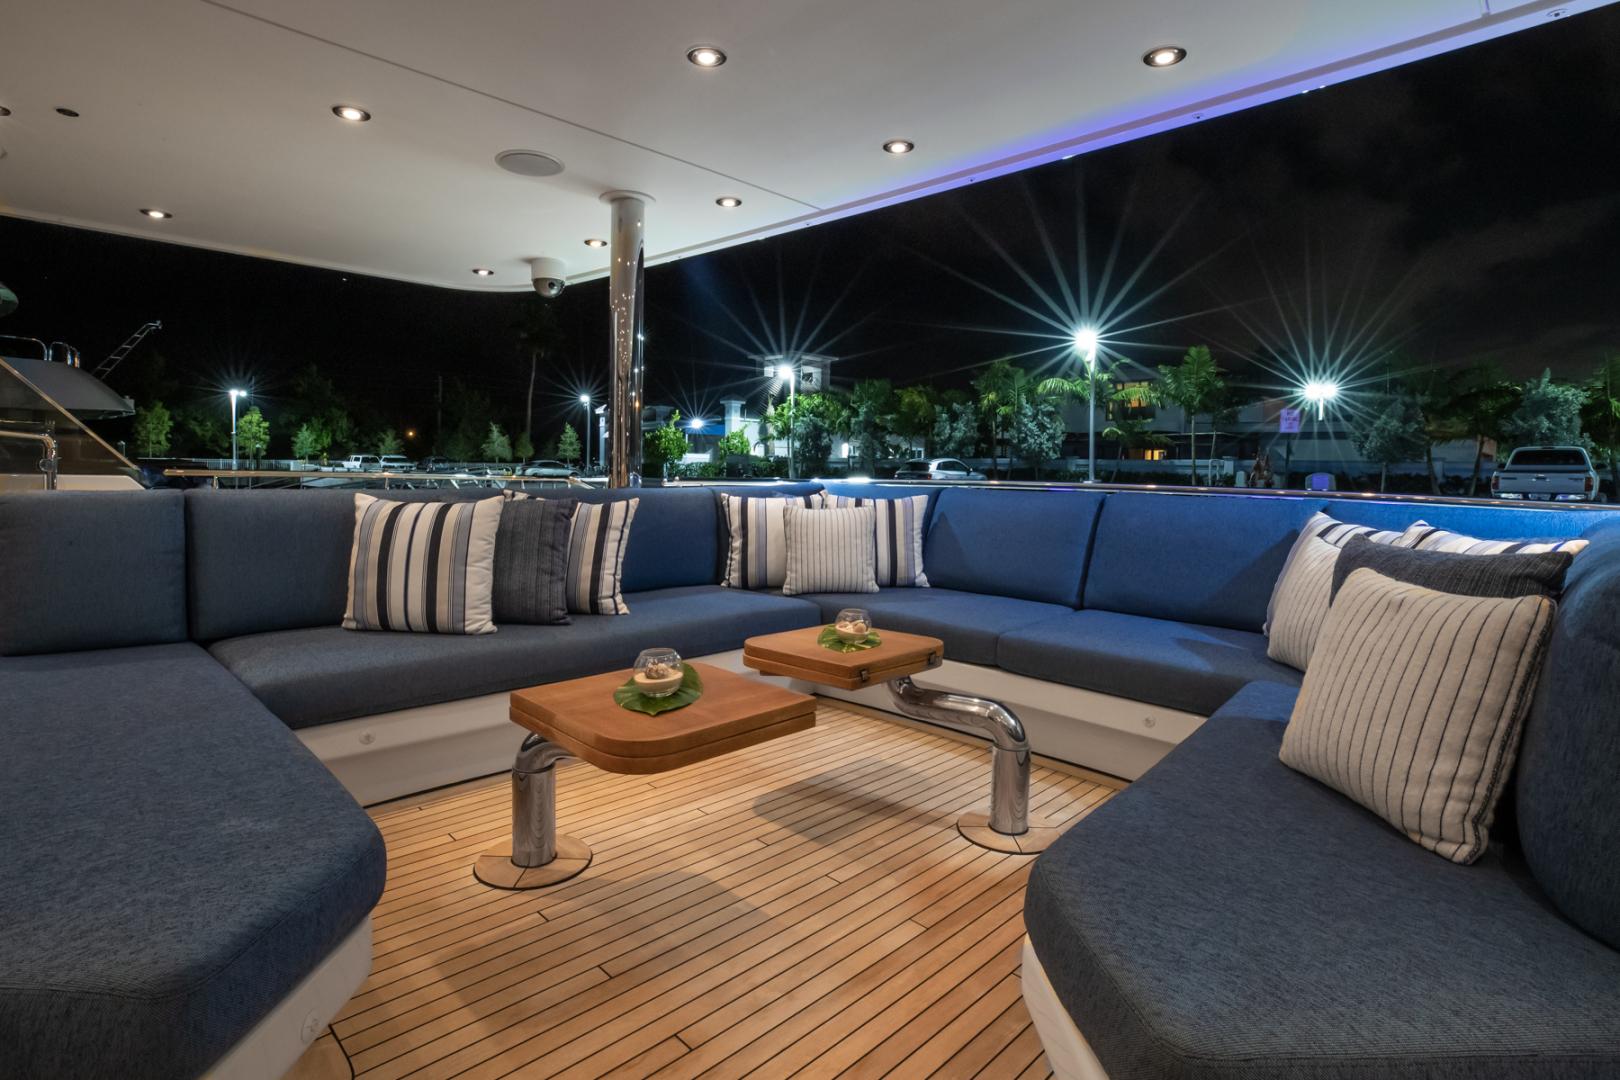 Westport-Westport 40 meter 2011-NINA LU Miami-Florida-United States-Aft Deck-1354288 | Thumbnail